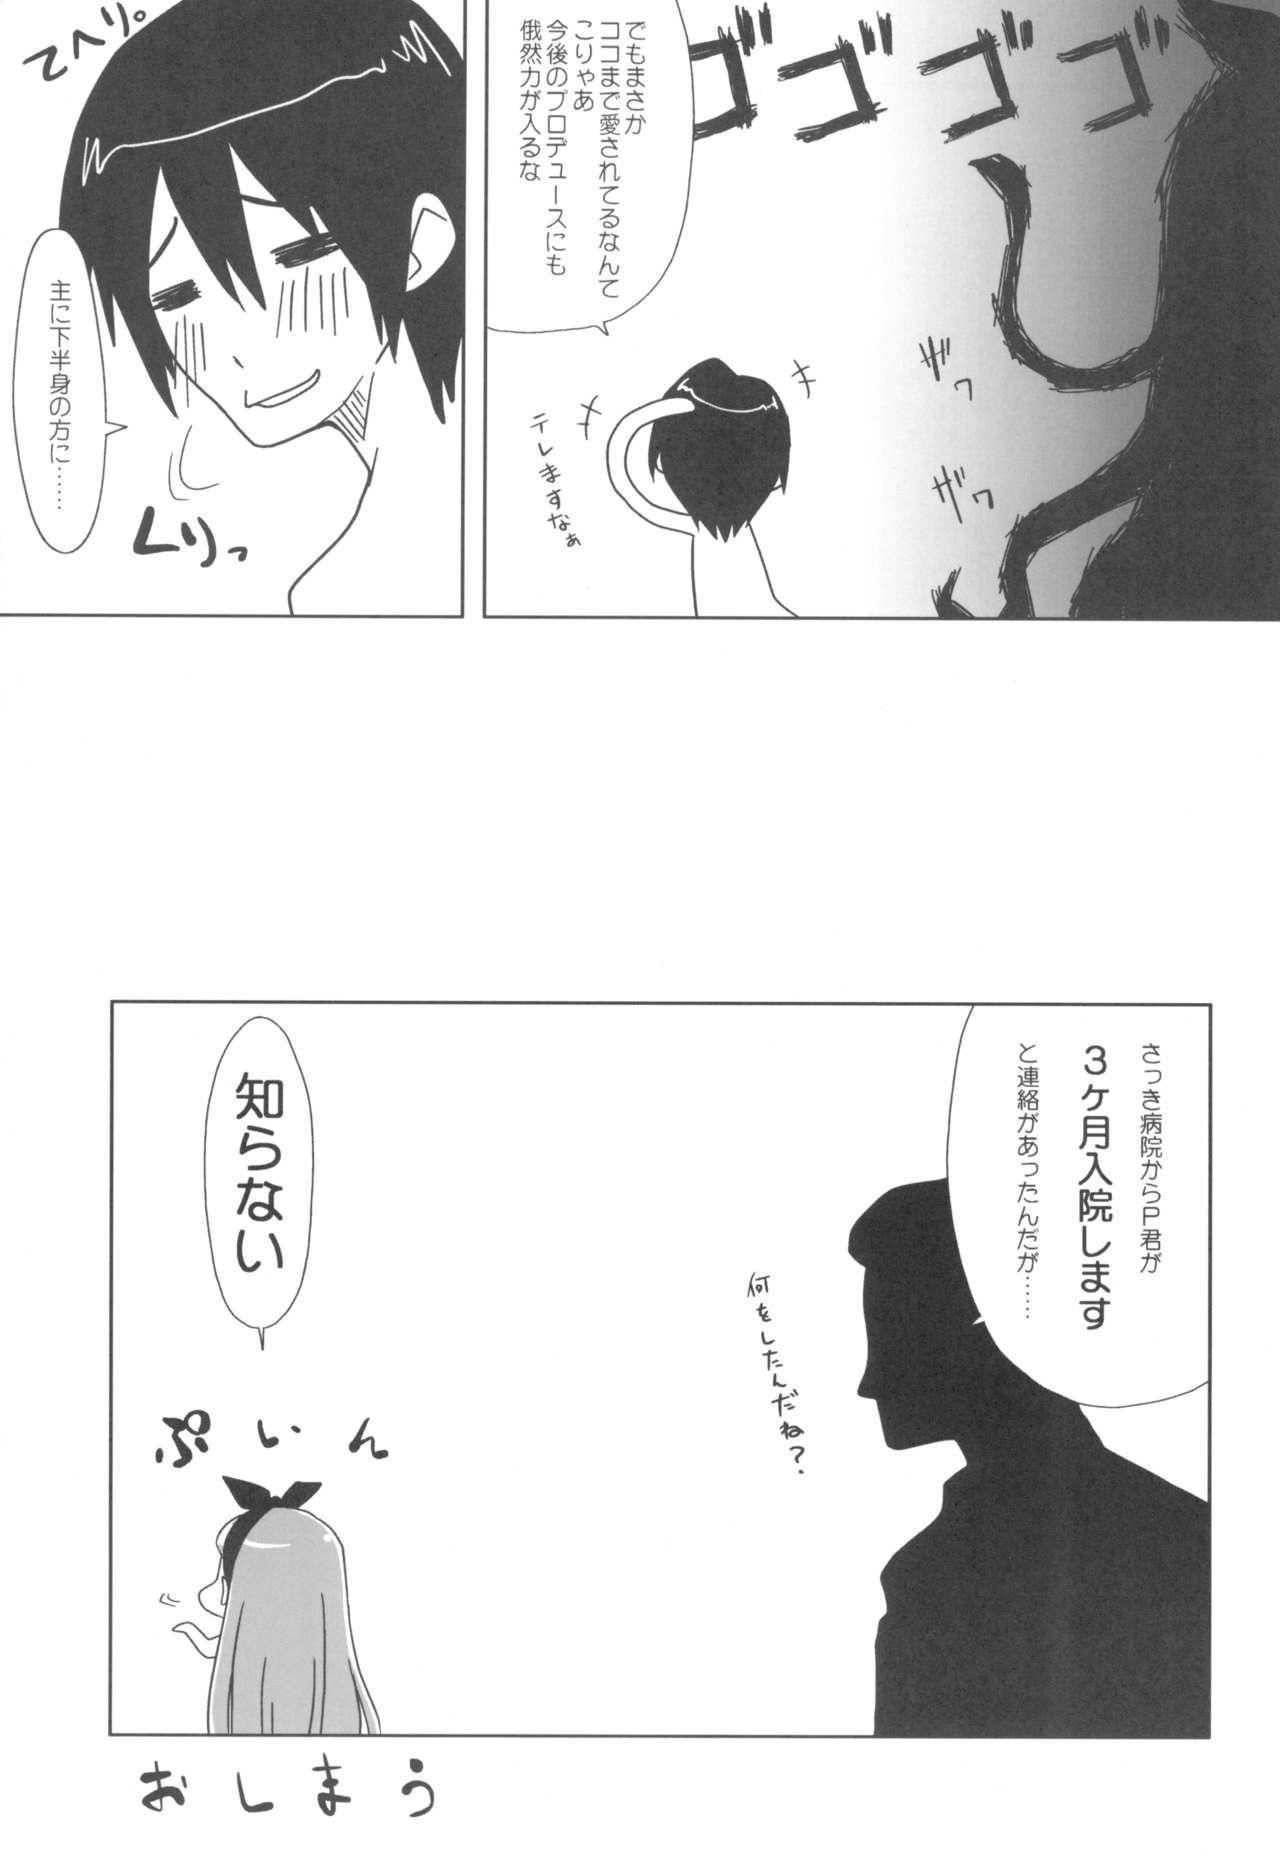 (CT14) [Shichiten Battou (Miyasaka Takaji)] Iori-sama no Yu-toori. (THE iDOLM@STER) 16